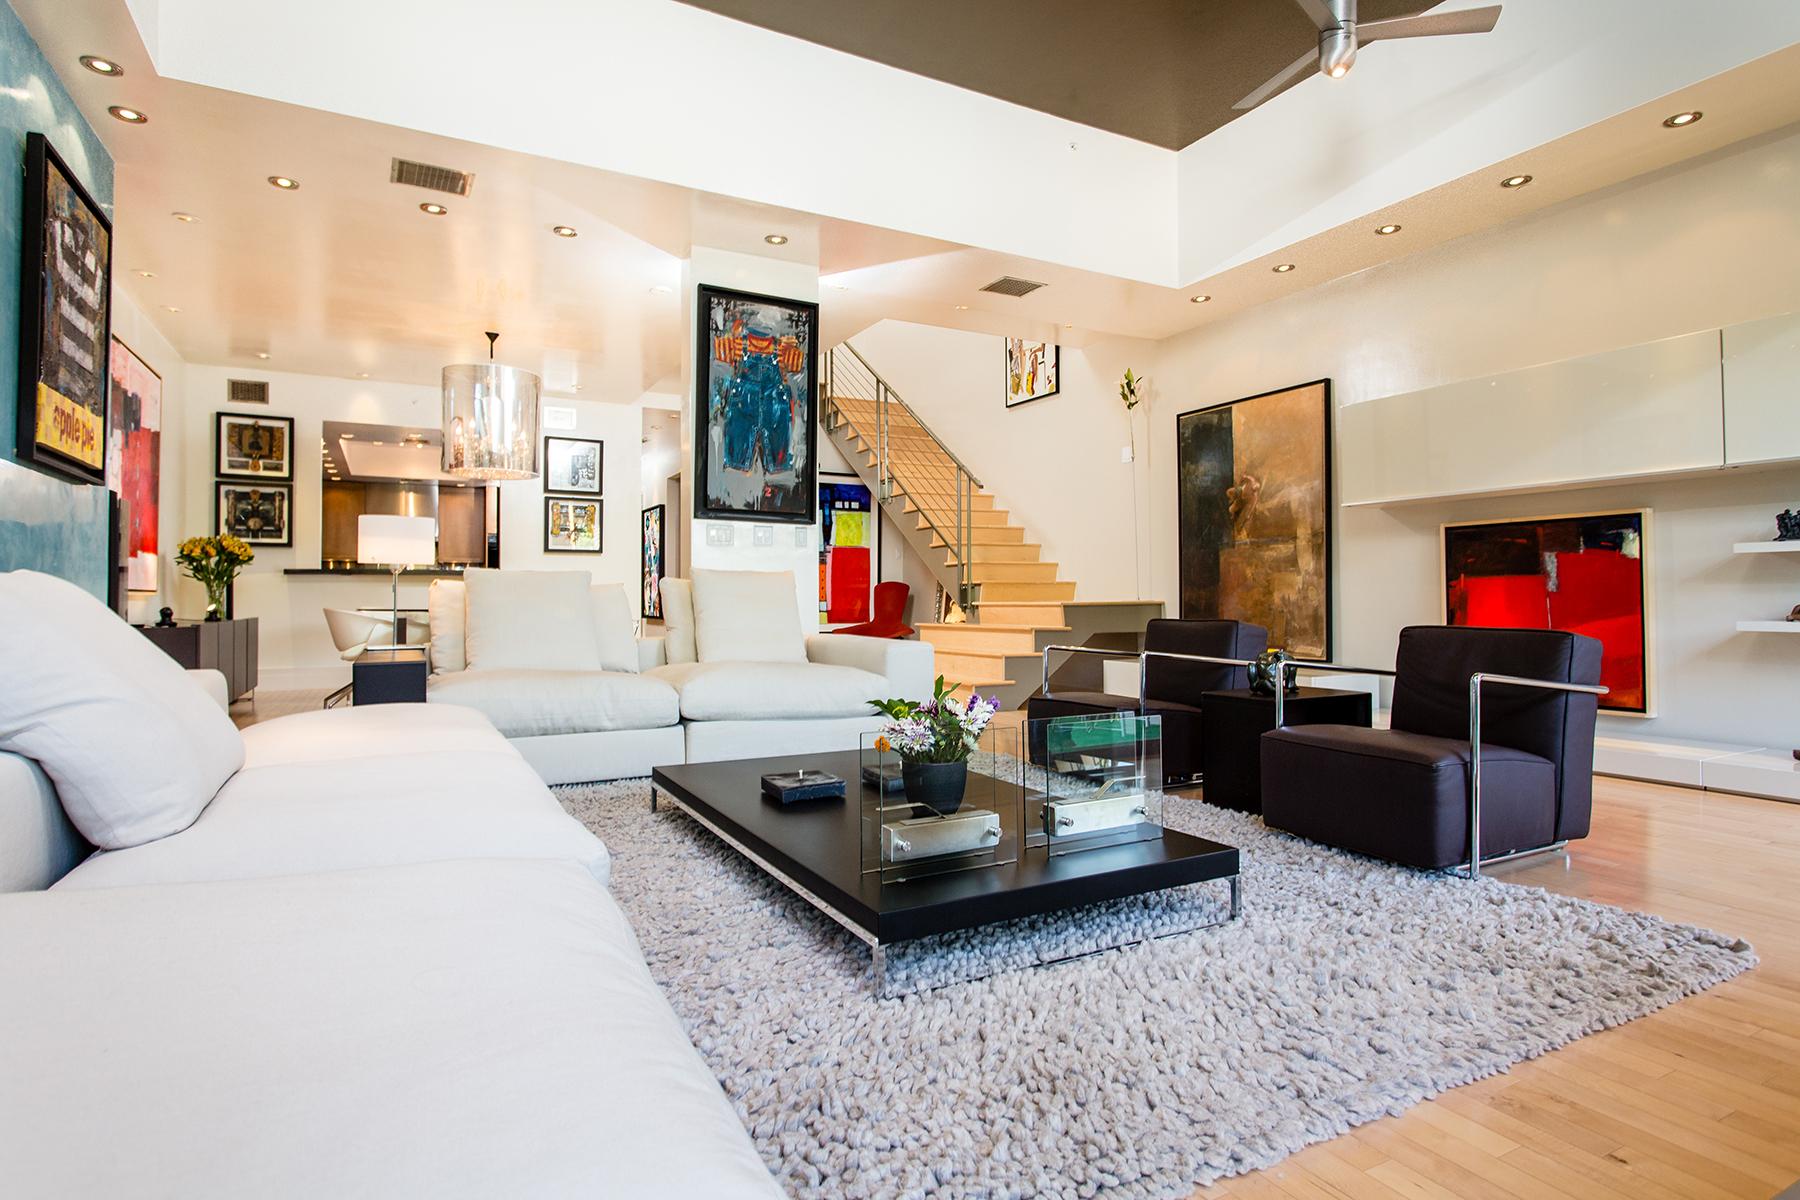 Condominium for Sale at PARKSHORE PLAZA 300 Beach Dr NE 210 St. Petersburg, Florida, 33701 United States